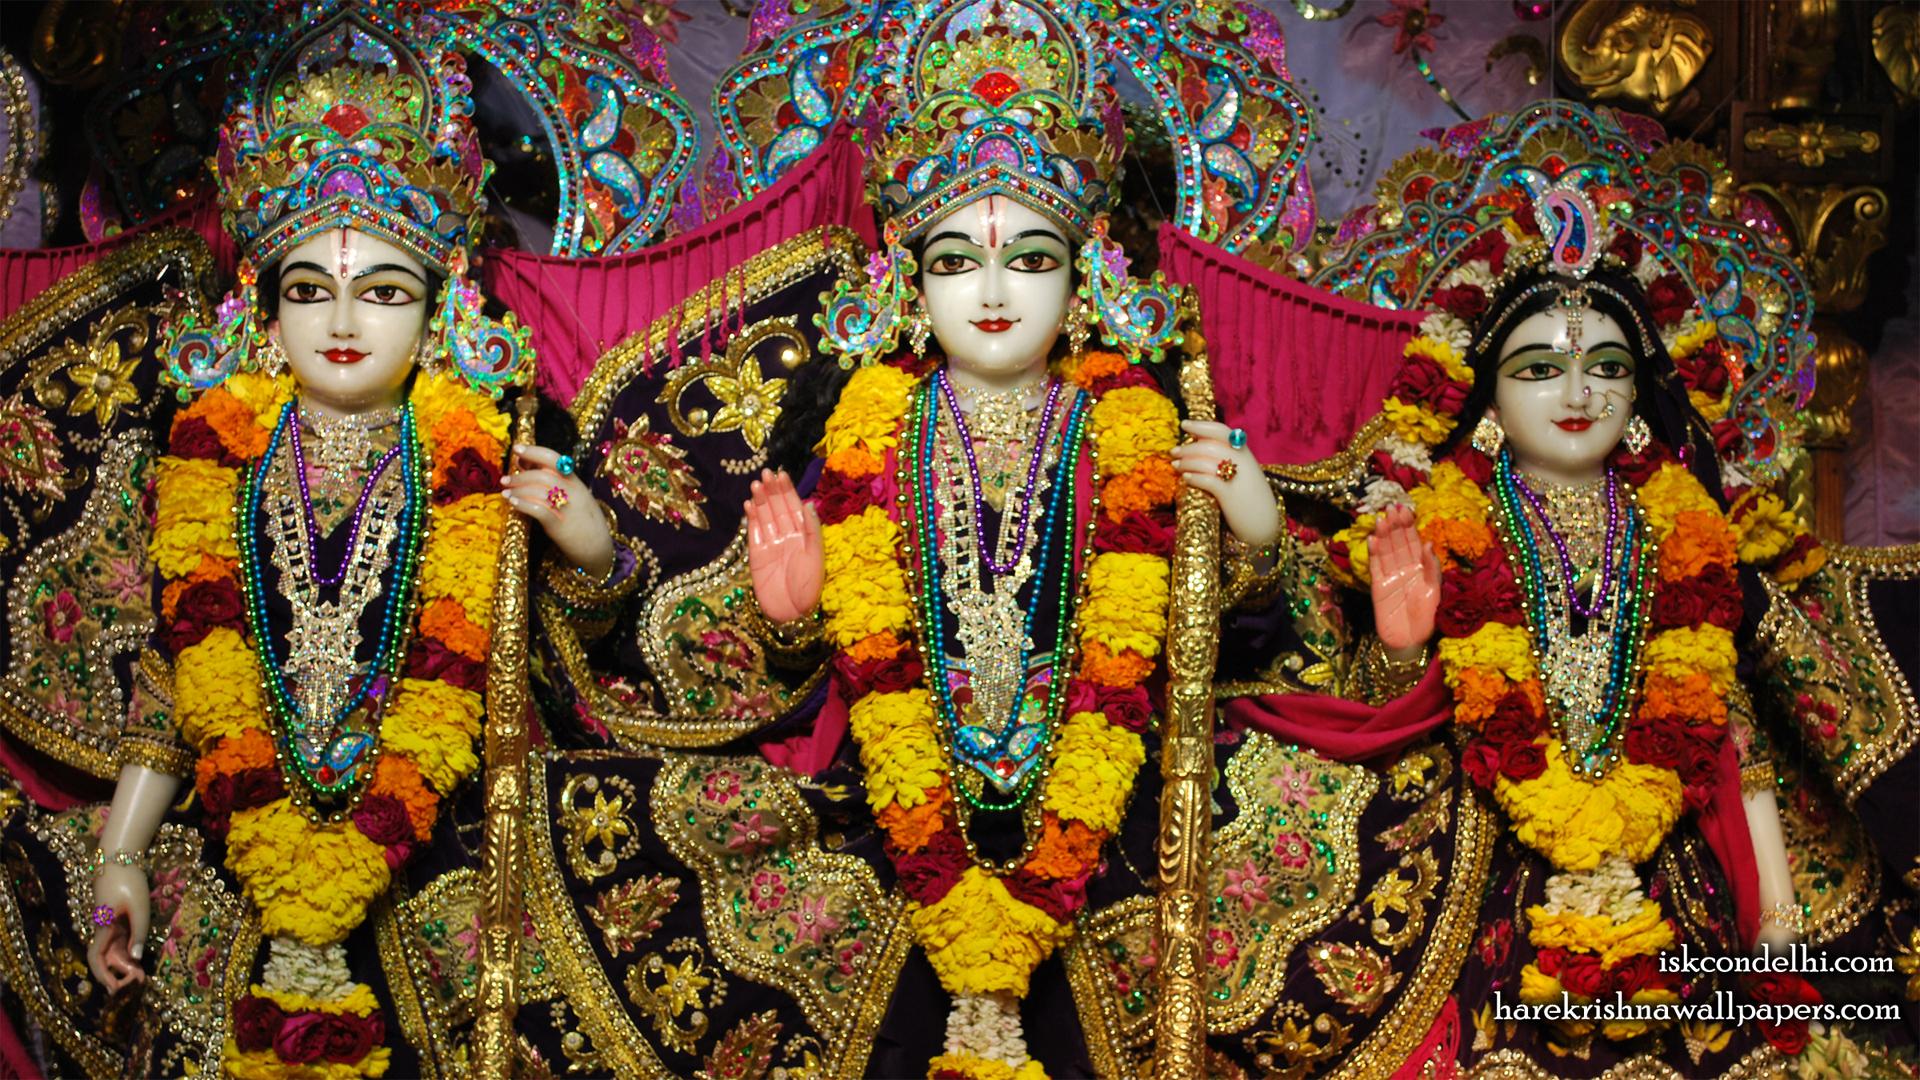 Sri Sri Sita Rama Laxman Wallpaper (002) Size 1920x1080 Download